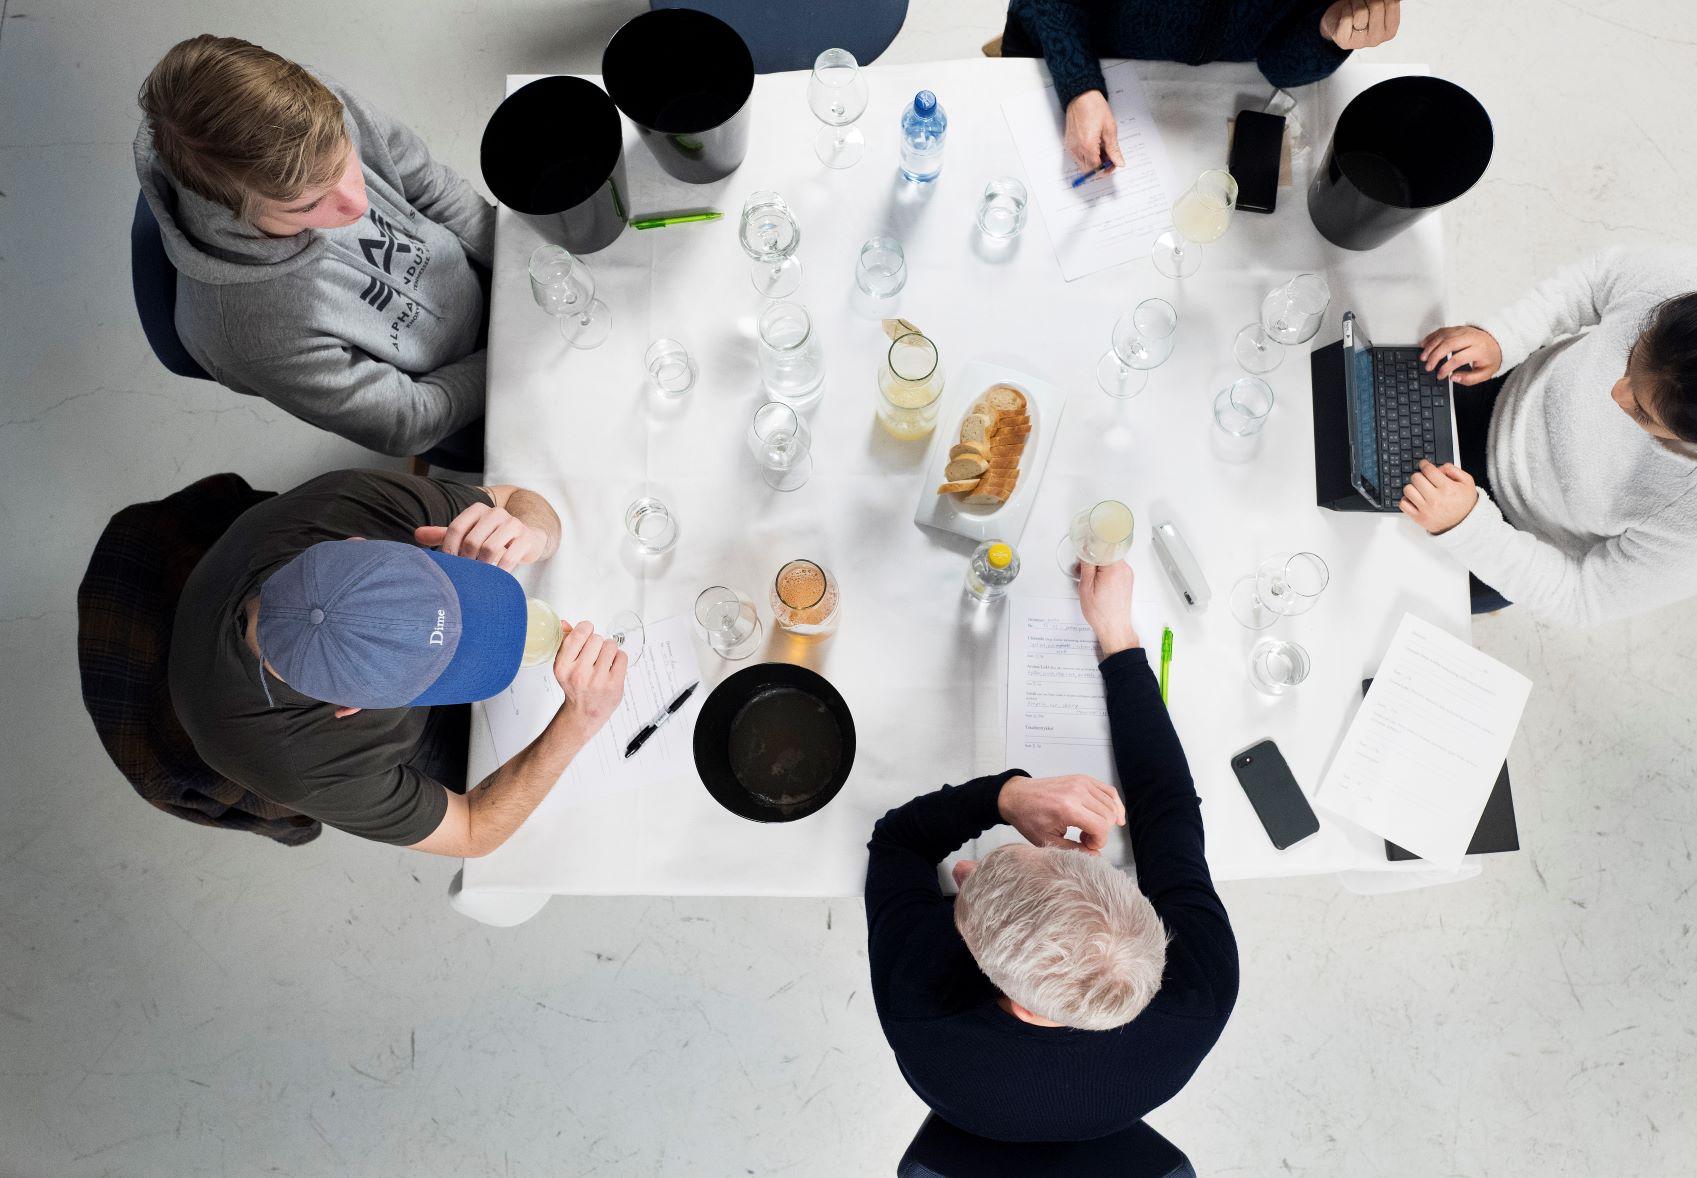 Smakspanelet både spytter ut og noterer ned under smakingen. Vann til å skylle munnen med står på bordet. Alt er i rute. Foto: Fredrik Solstad/HANEN